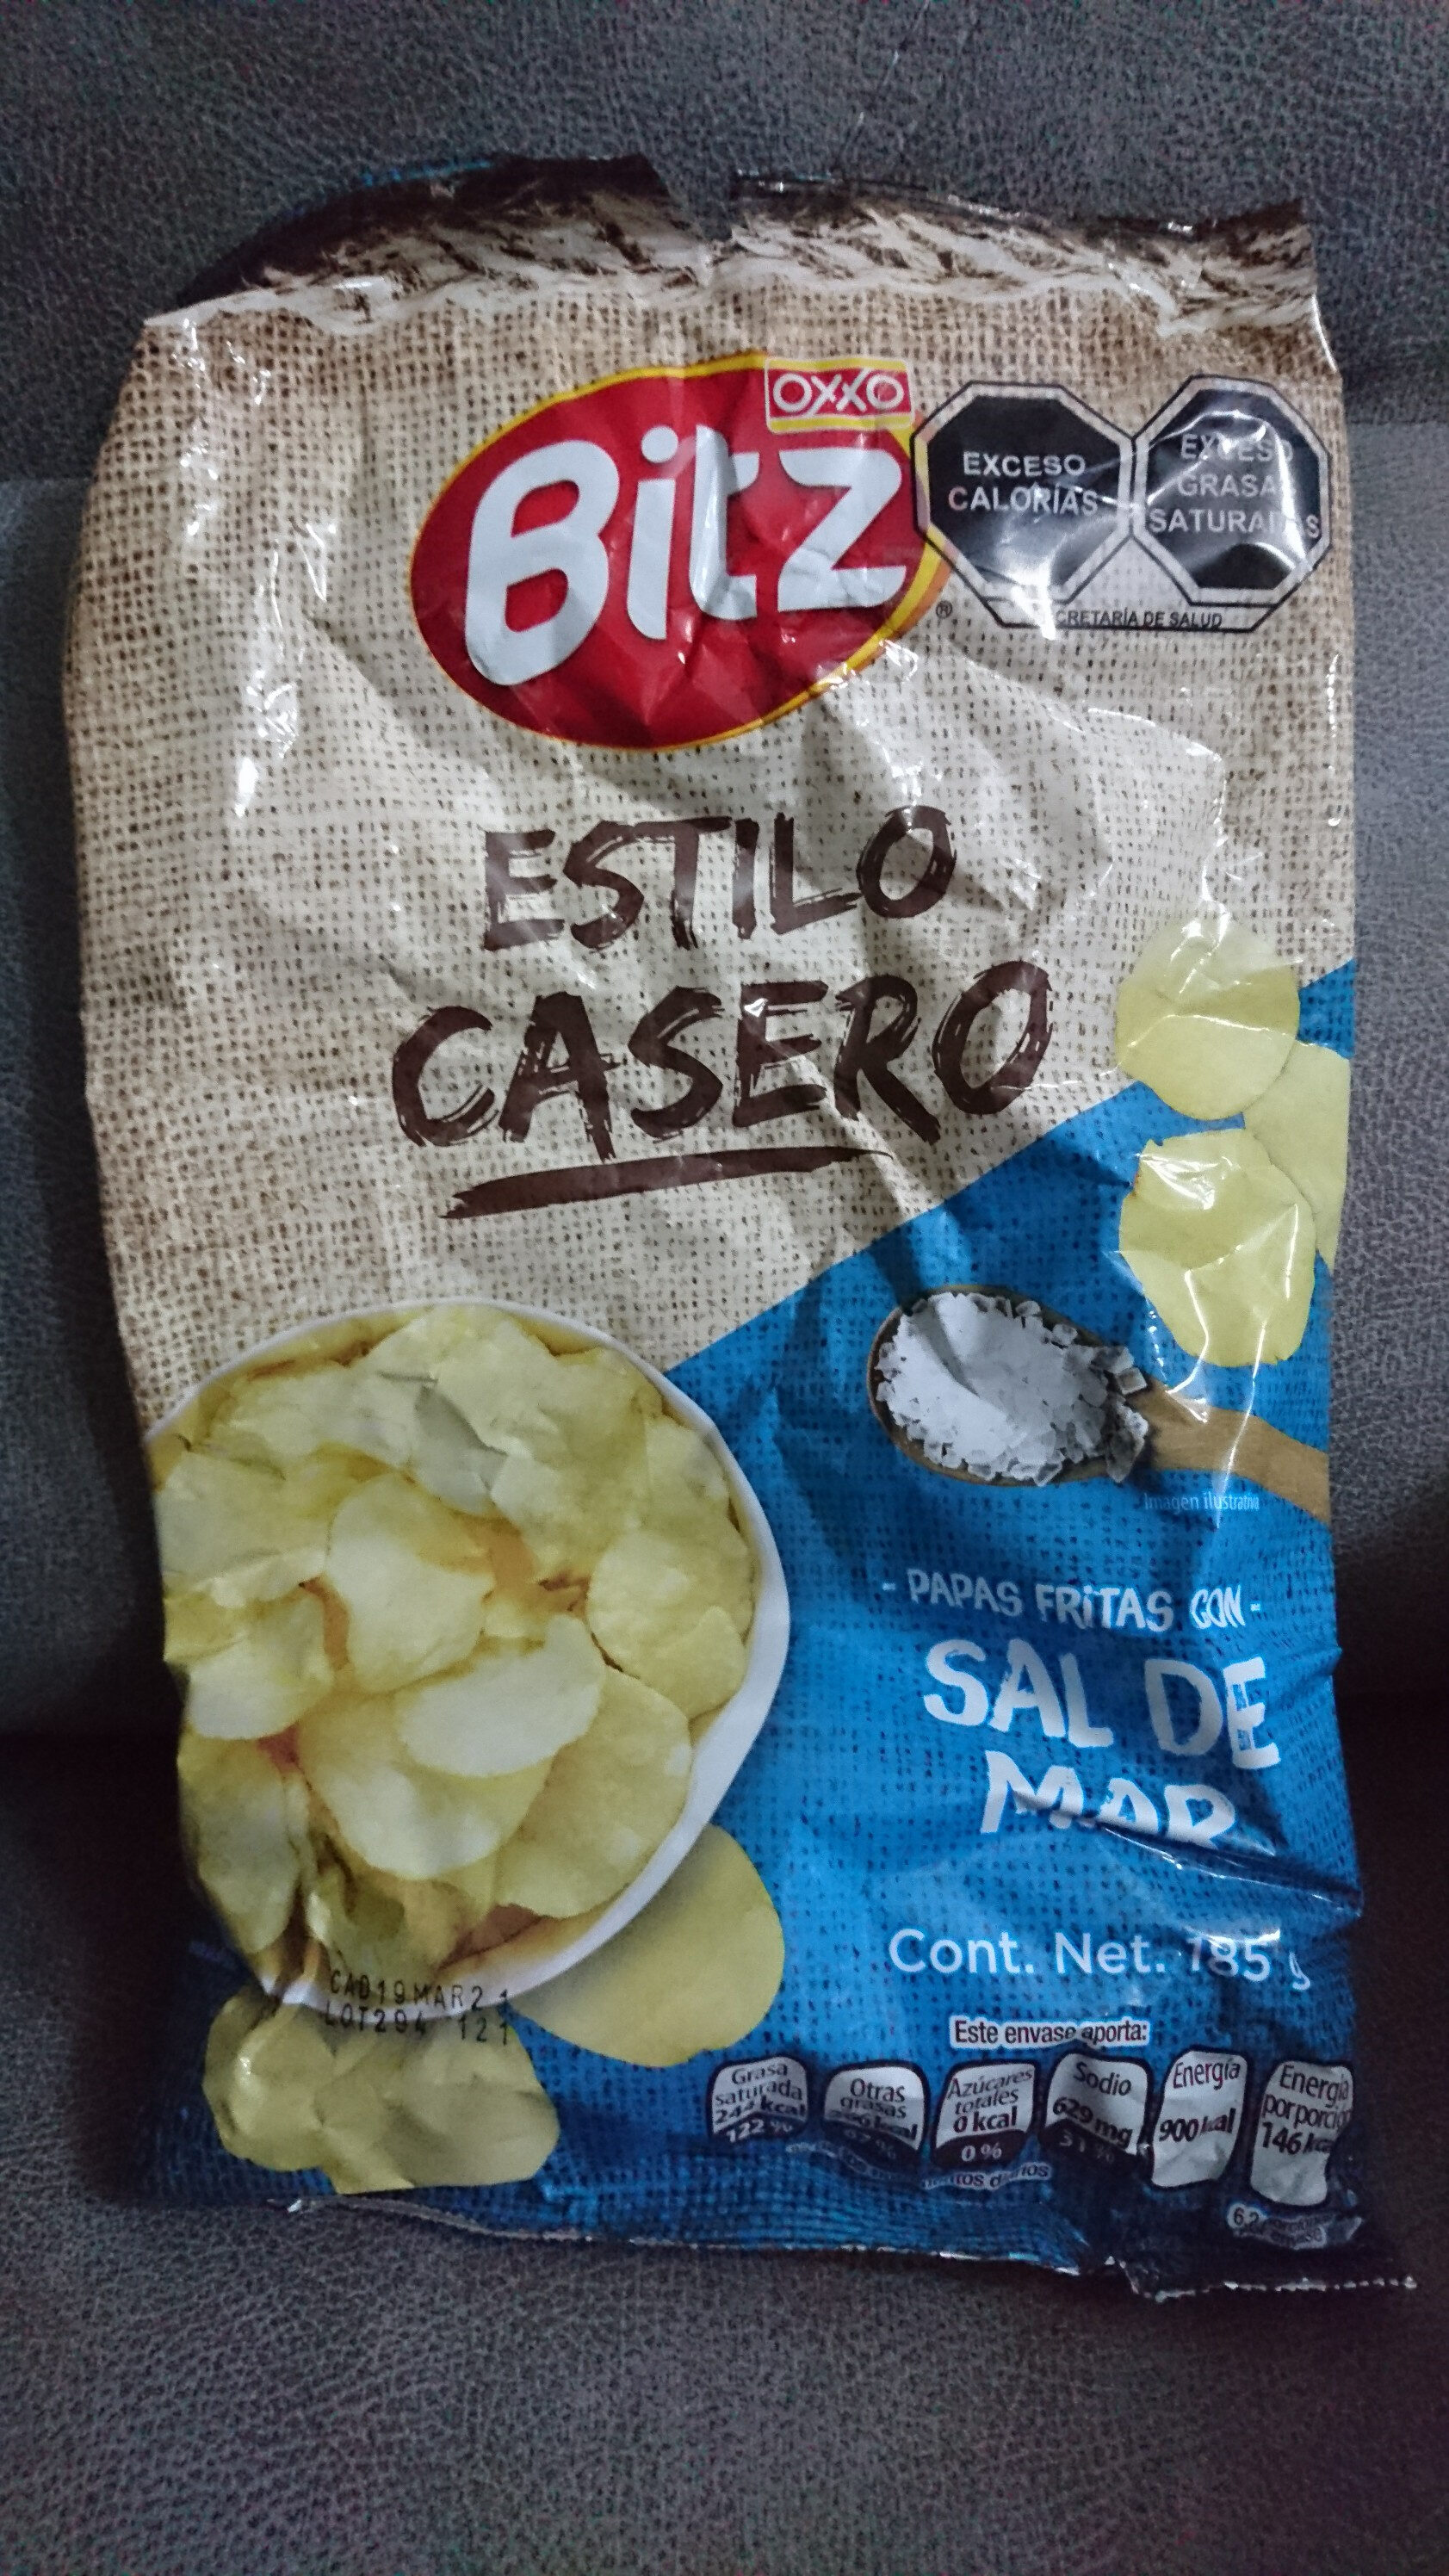 Bitz: Papas fritas con sal de mar - Prodotto - es